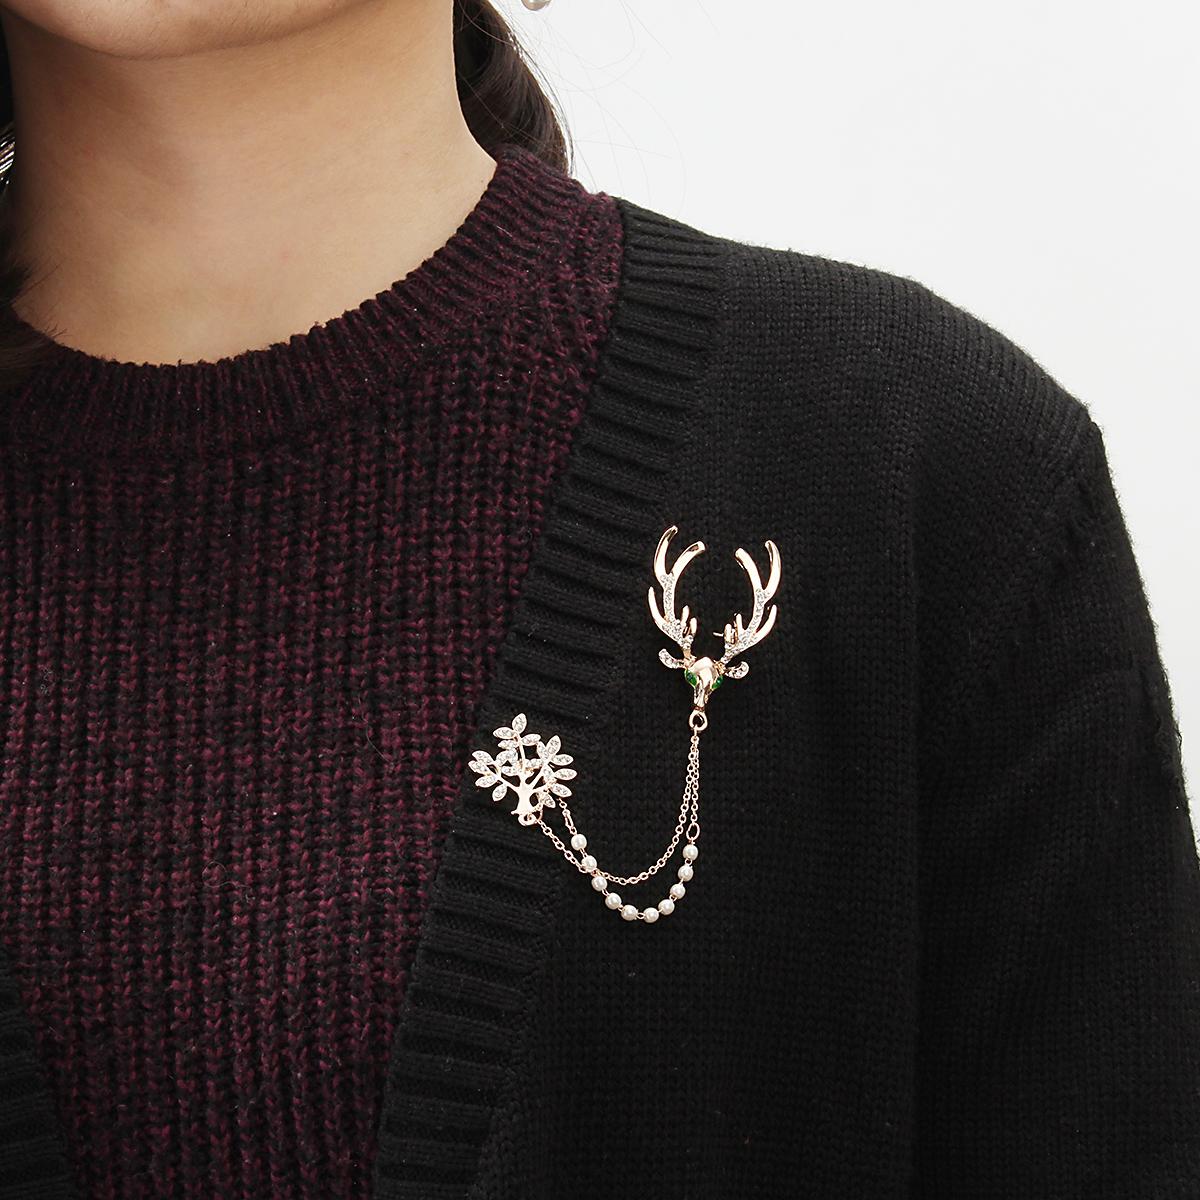 Crystal Deer Green Eyes Tree Artificial Pearl Gift Christmas Брошь es